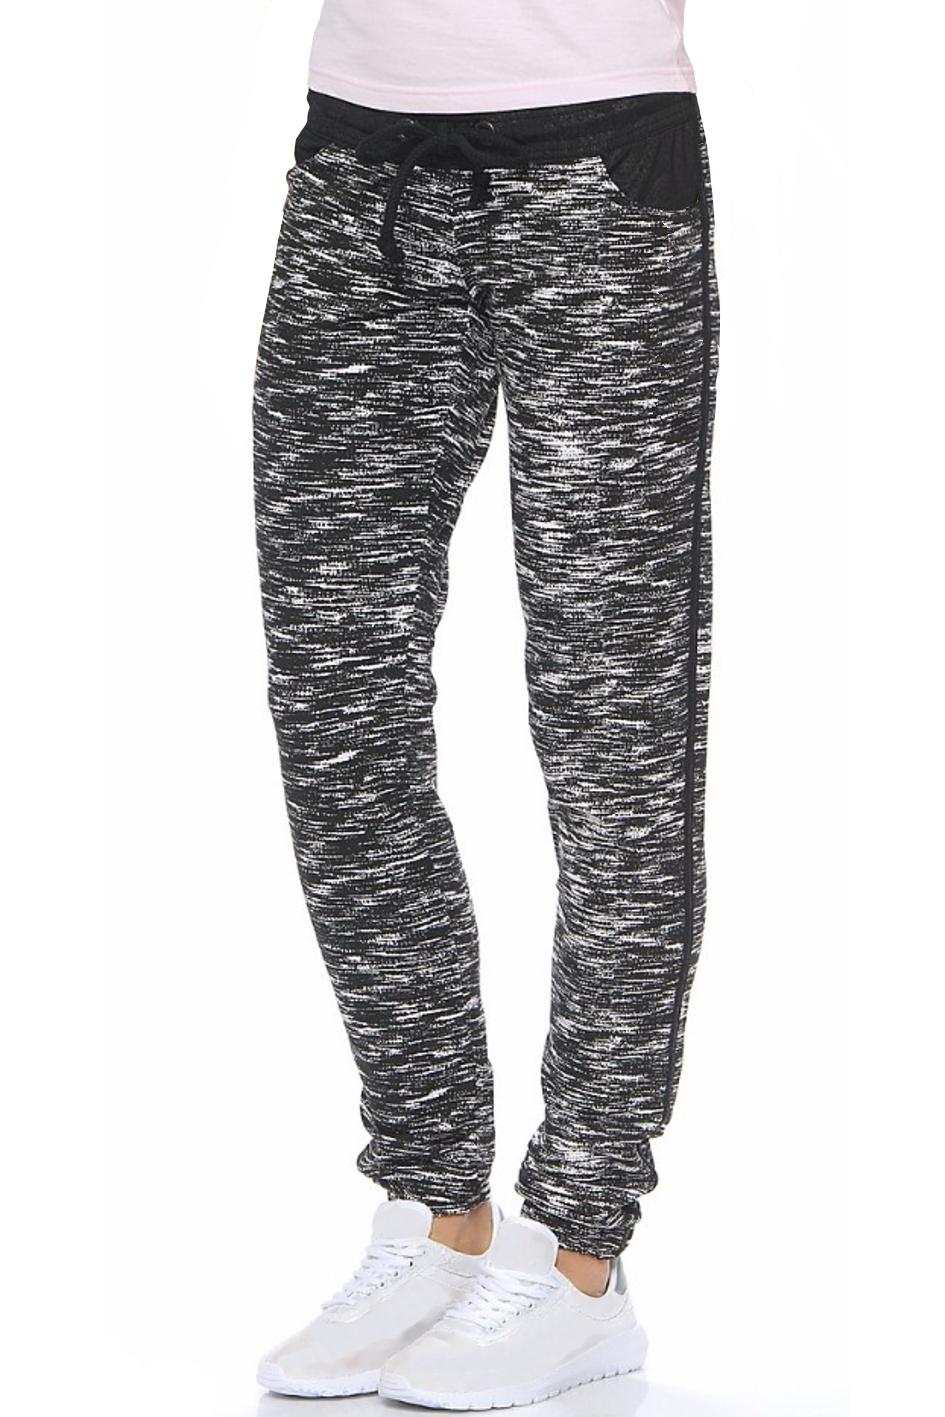 [b]Сбор заказов. Супер качественные, фирменные спортивные штаны, утепленные брюки Ан@эль. Турецкие ткани, отличная посадка, без рядов.[/b]